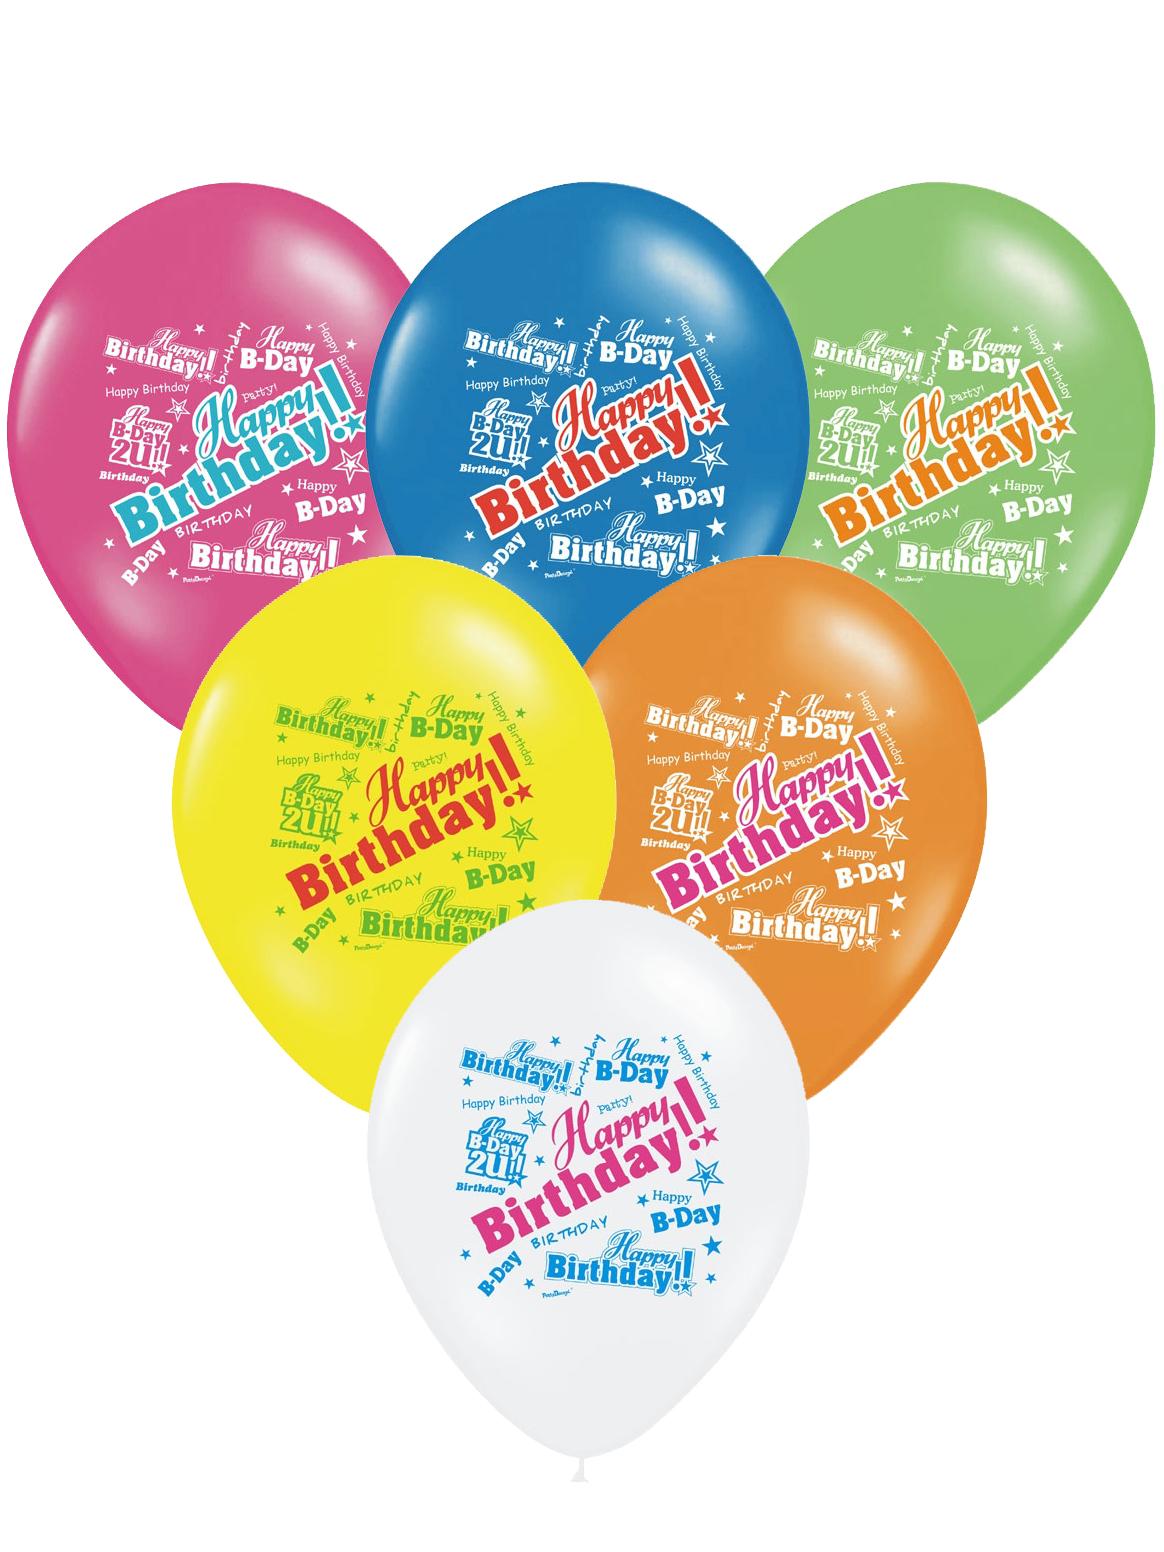 6 Bunte Luftballons Alles Gute Zum Geburtstag Partydeko Und